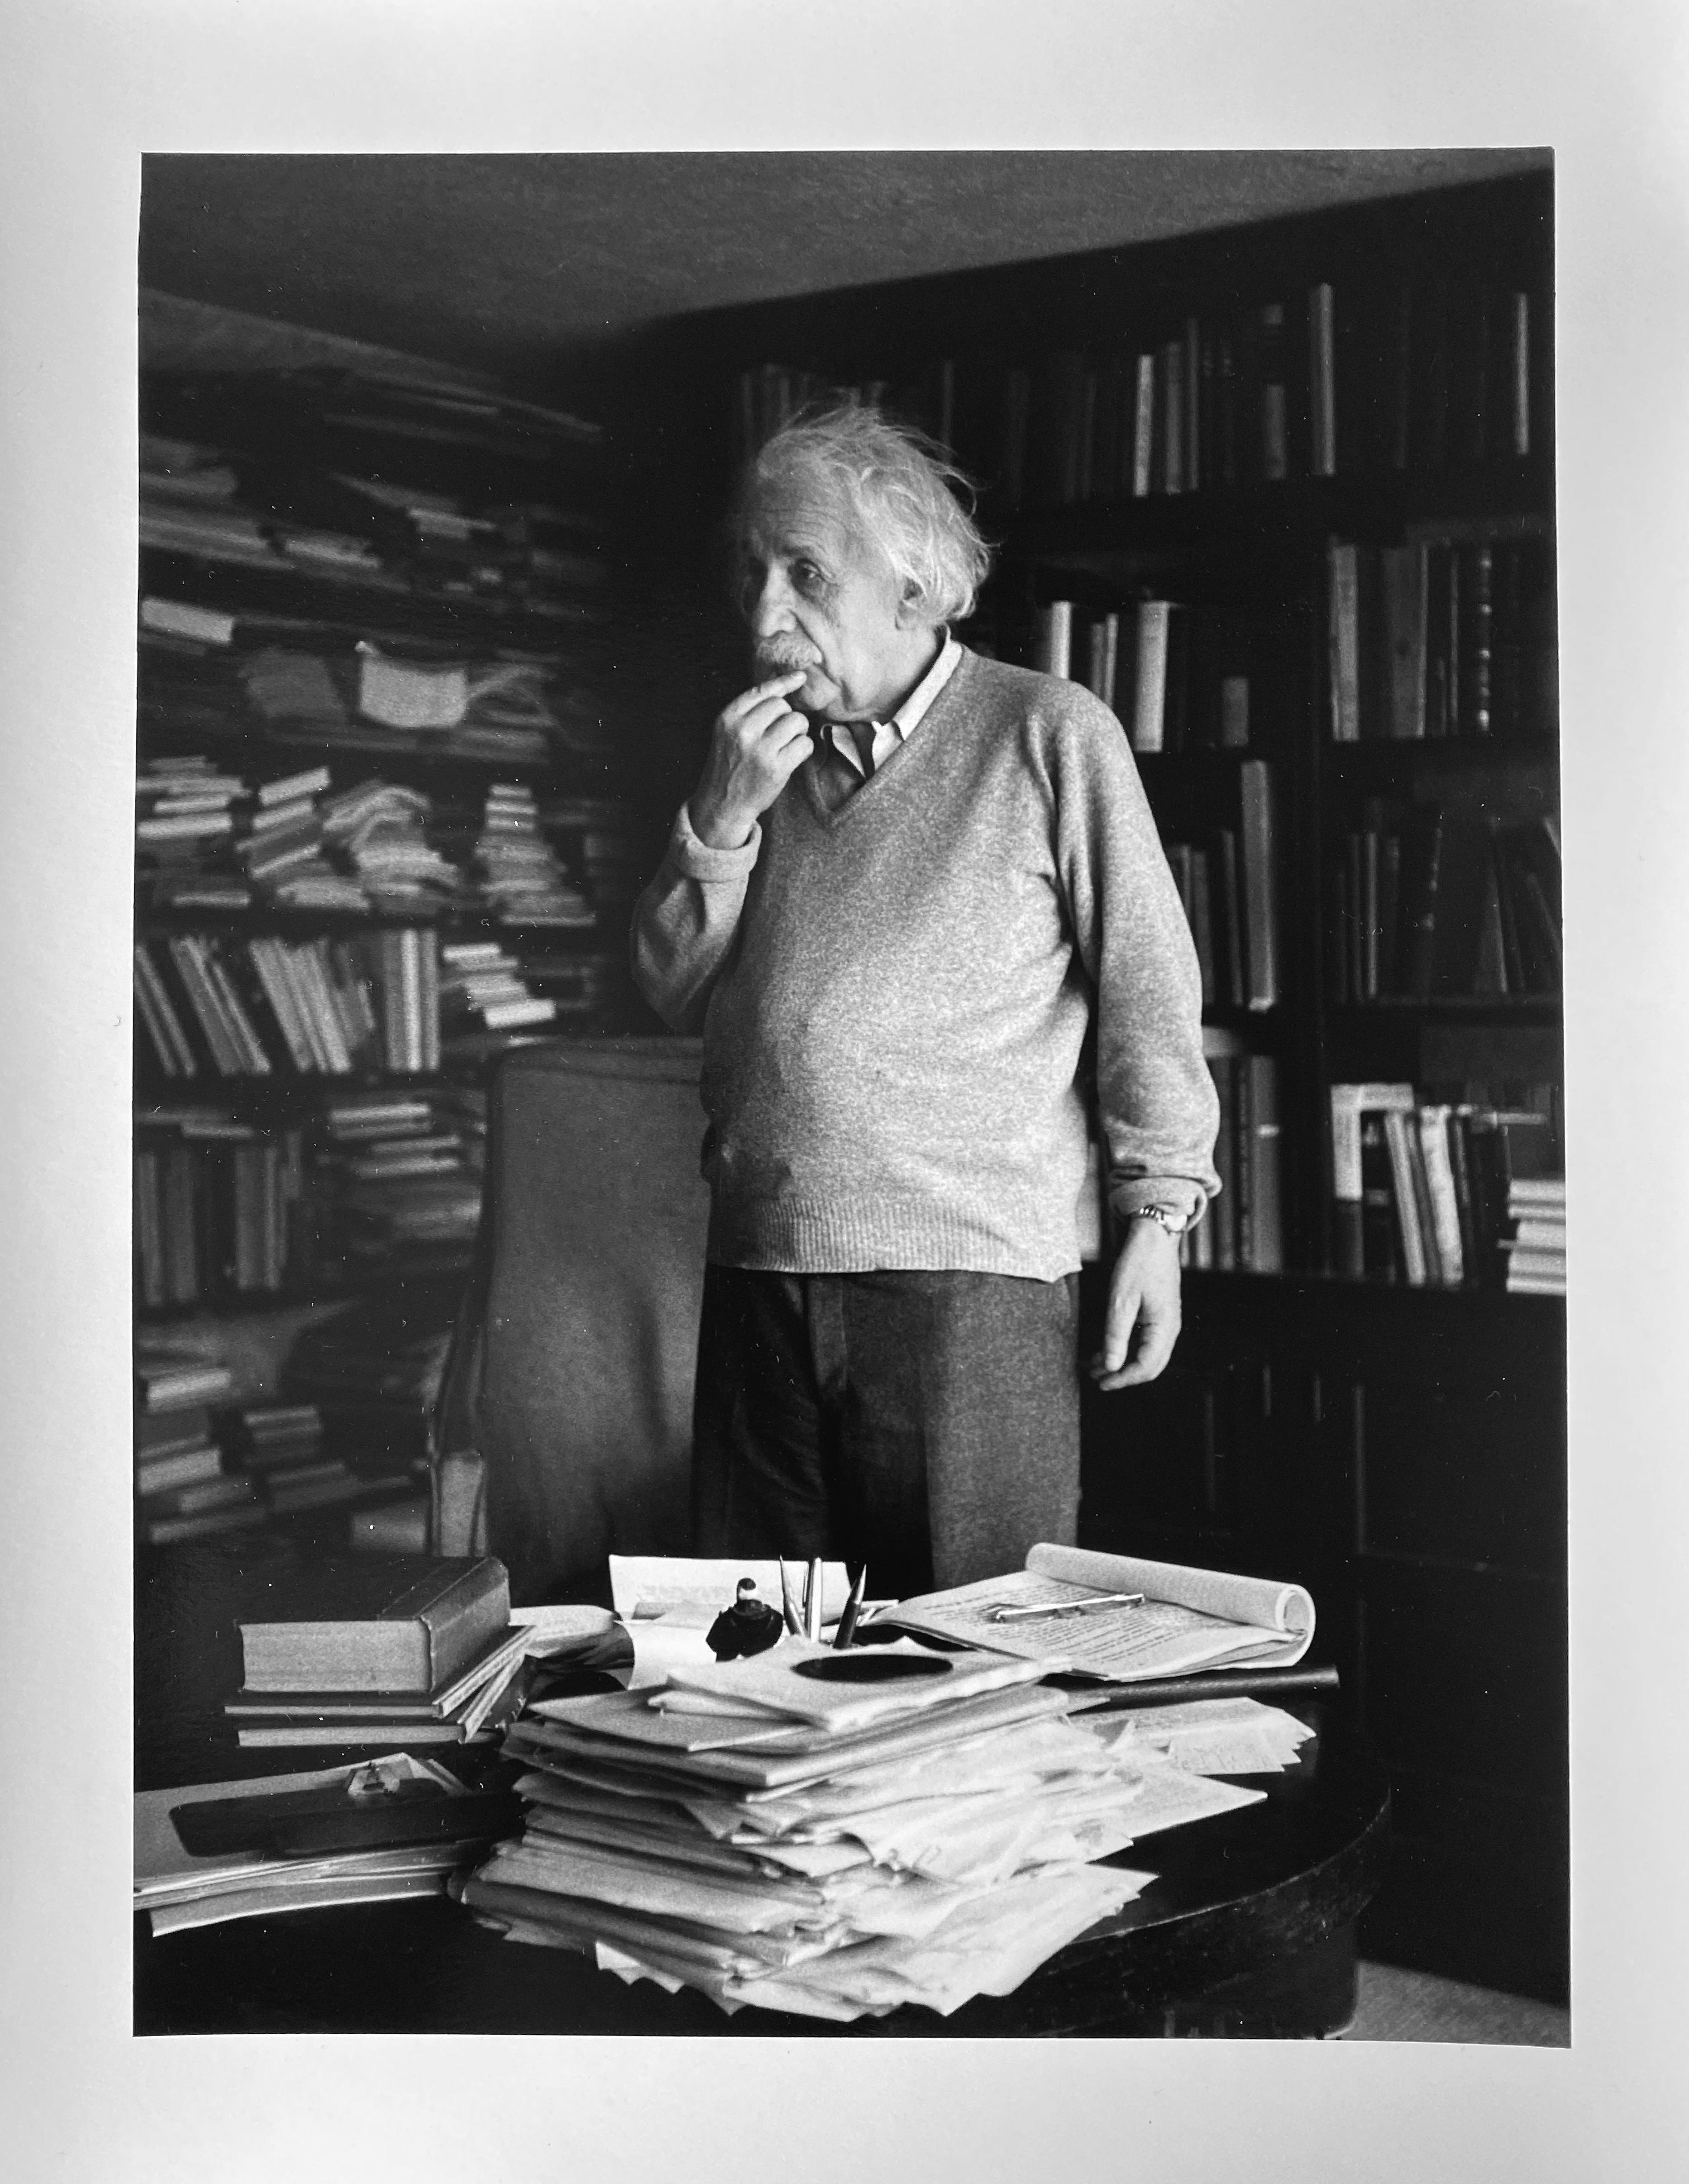 Albert Einstein, Princeton, NJ Portrait by Master of 20th Century Photography